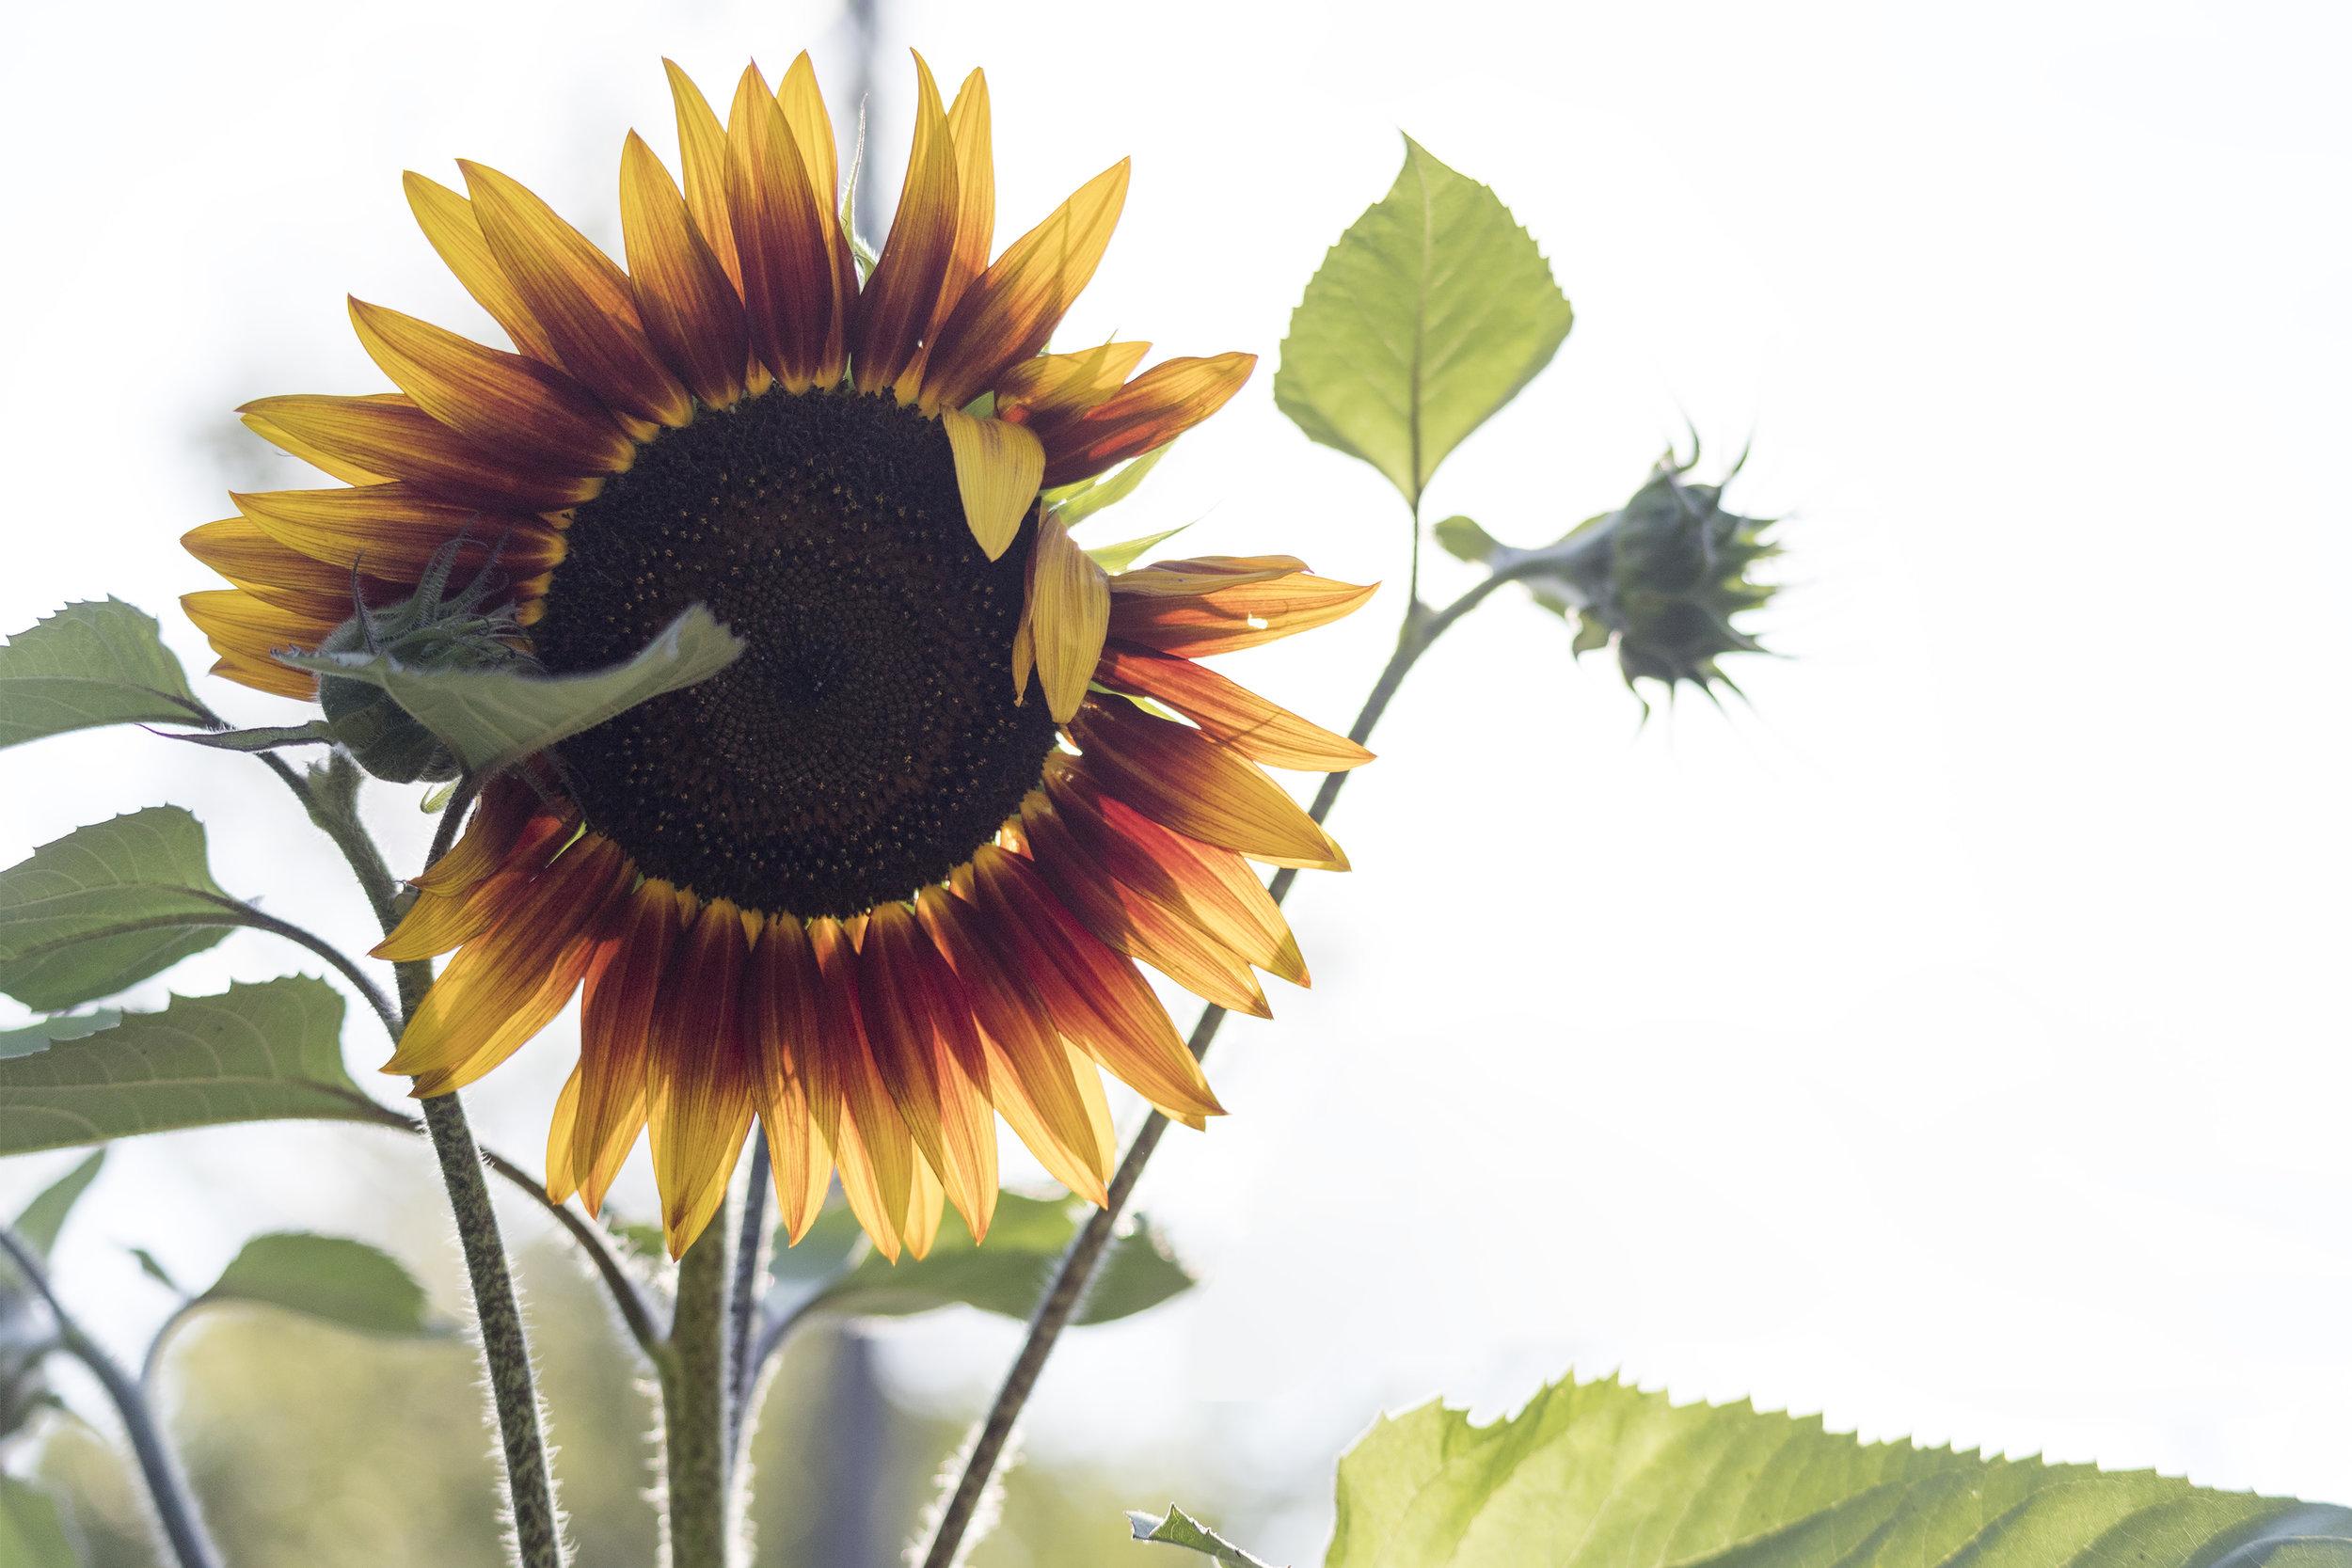 sunflower - minneapolis